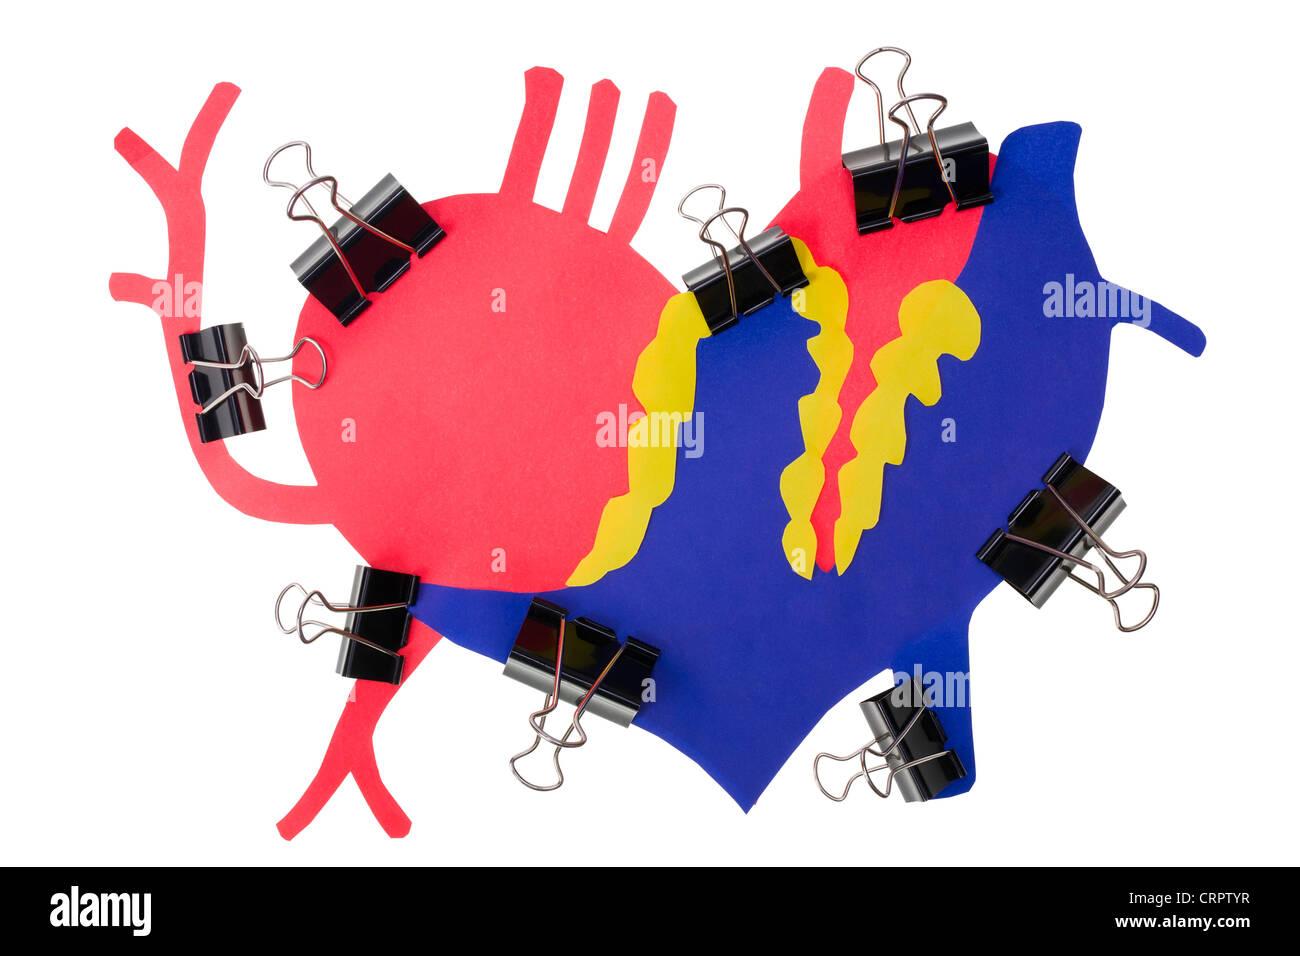 Concepto de infarto de miocardio en el corazón humano. Un ataque al corazón. Corazón de papel coloreado con una superficie rugosa está comprimido st Foto de stock